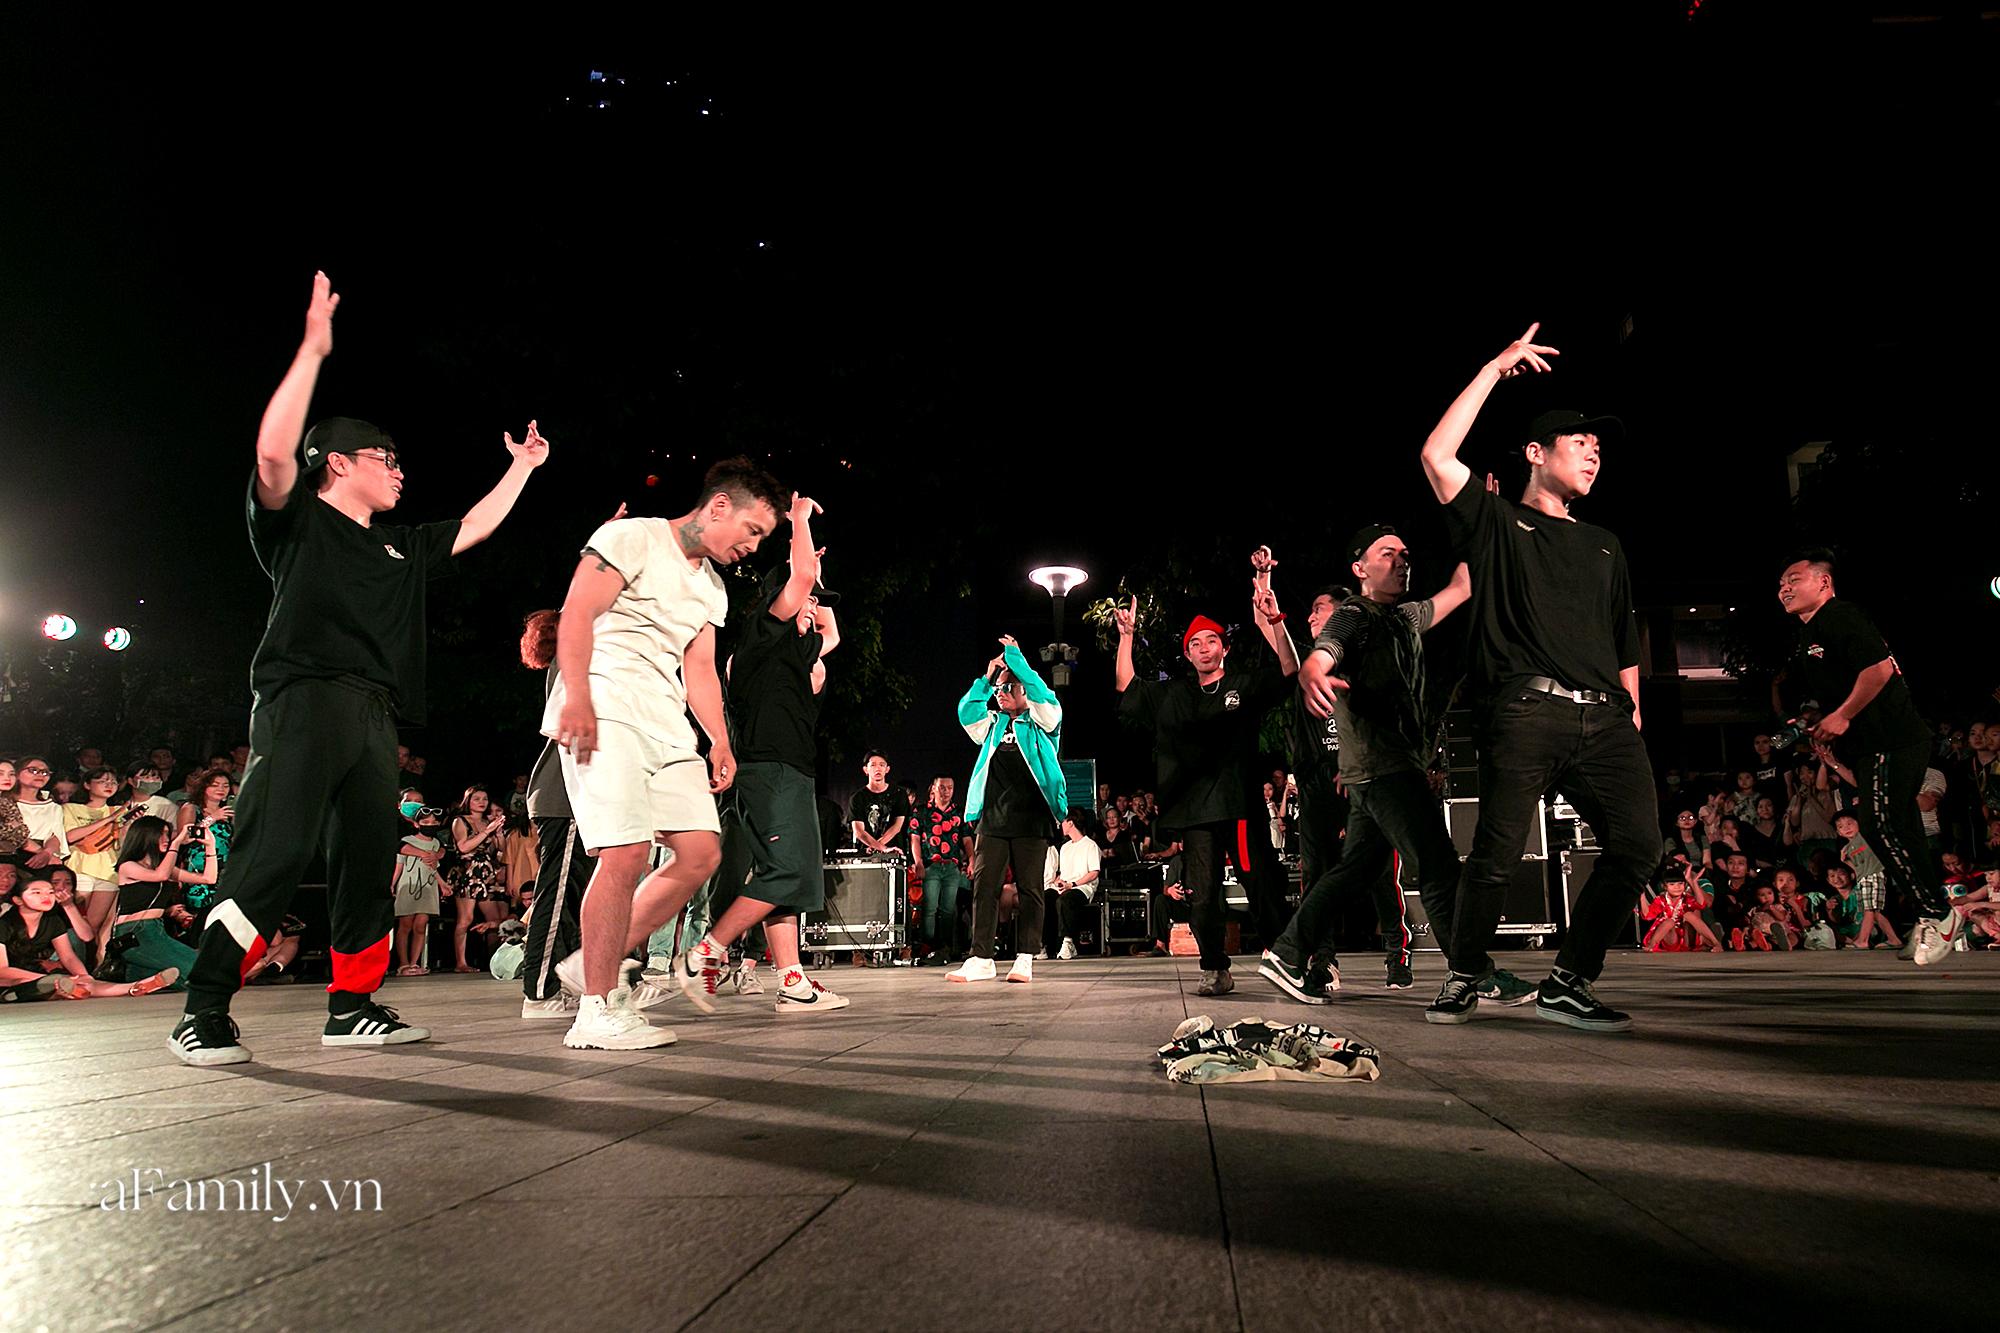 Phố đi bộ Nguyễn Huệ bắt đầu tổ chức các hoạt động biểu diễn nghệ thuật đường phố miễn phí và đây là tuần đầu tiên người Sài Gòn được trải nghiệm - Ảnh 4.